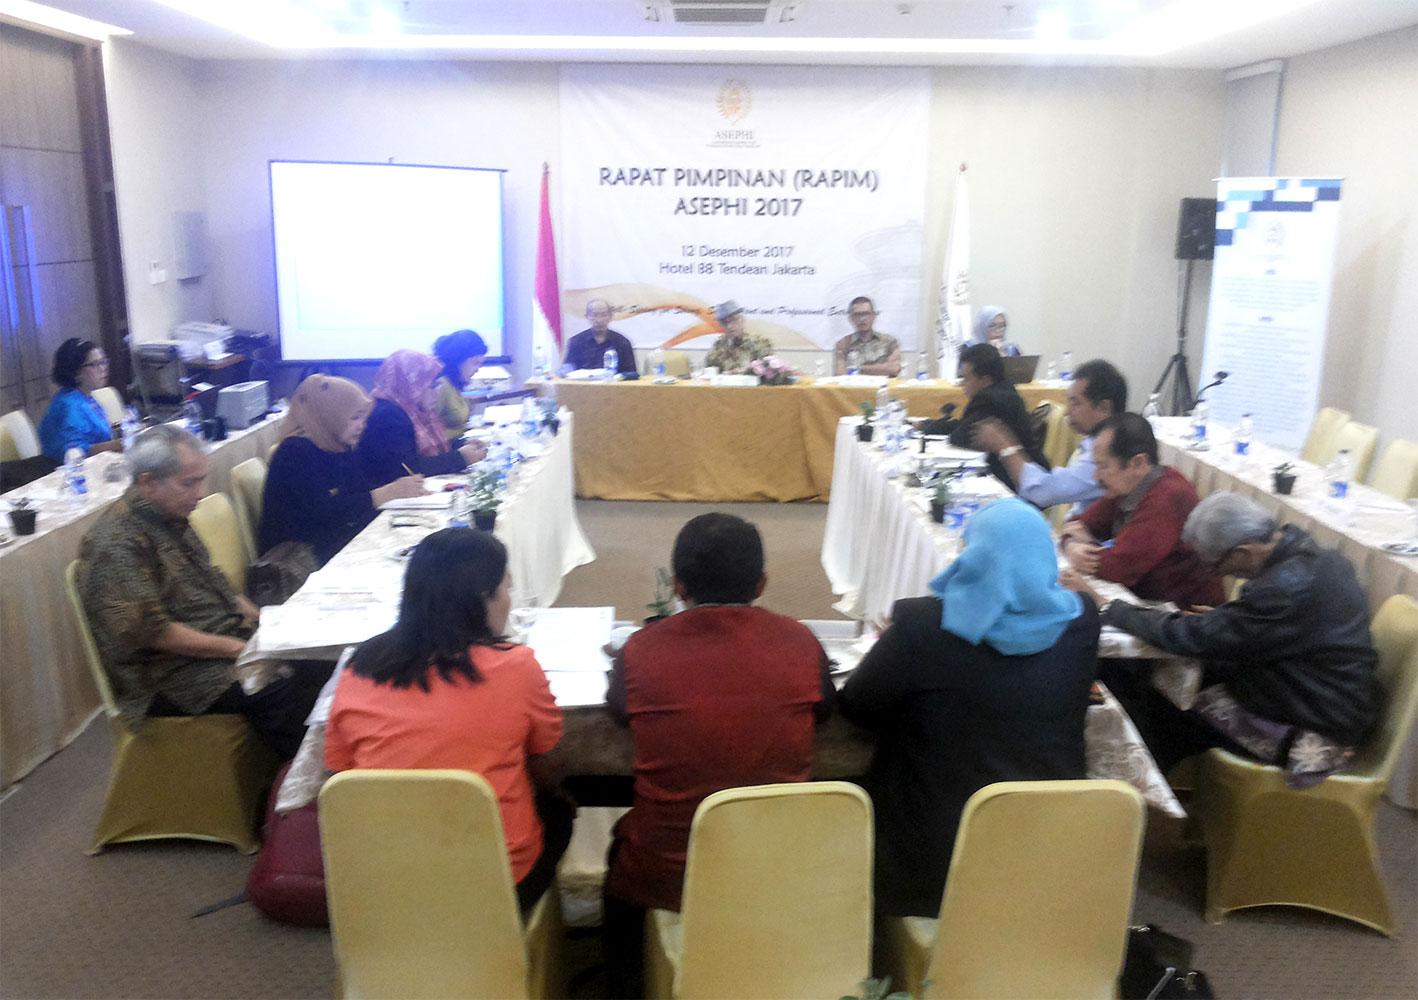 rapat-pimpinan-asephi